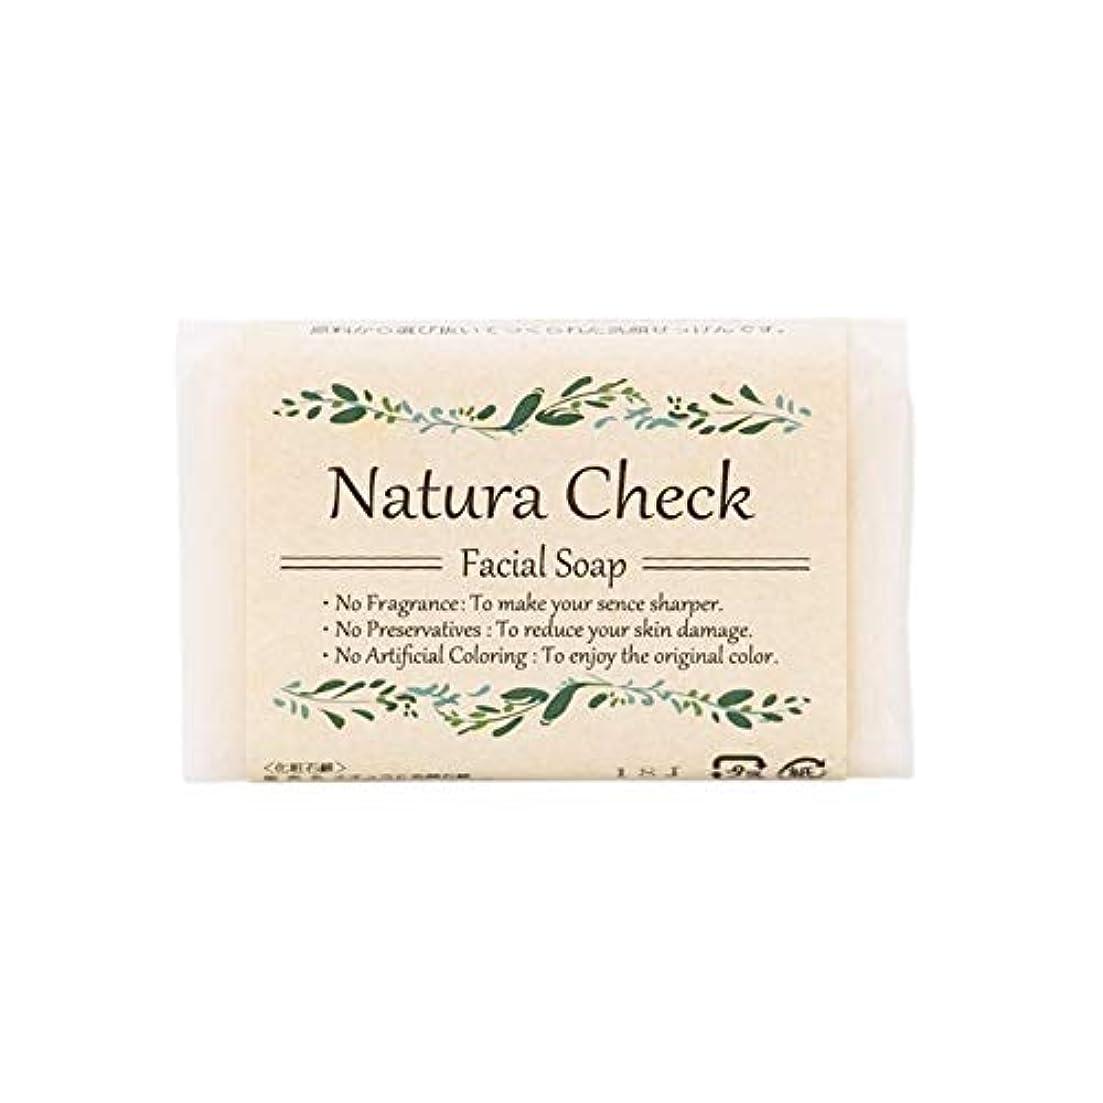 喪石のケニアNatura Check 無添加洗顔せっけん80g 毛穴の黒ずみ、毛穴の開き、敏感肌、乾燥肌対策に 新生児やアトピー肌にも安心